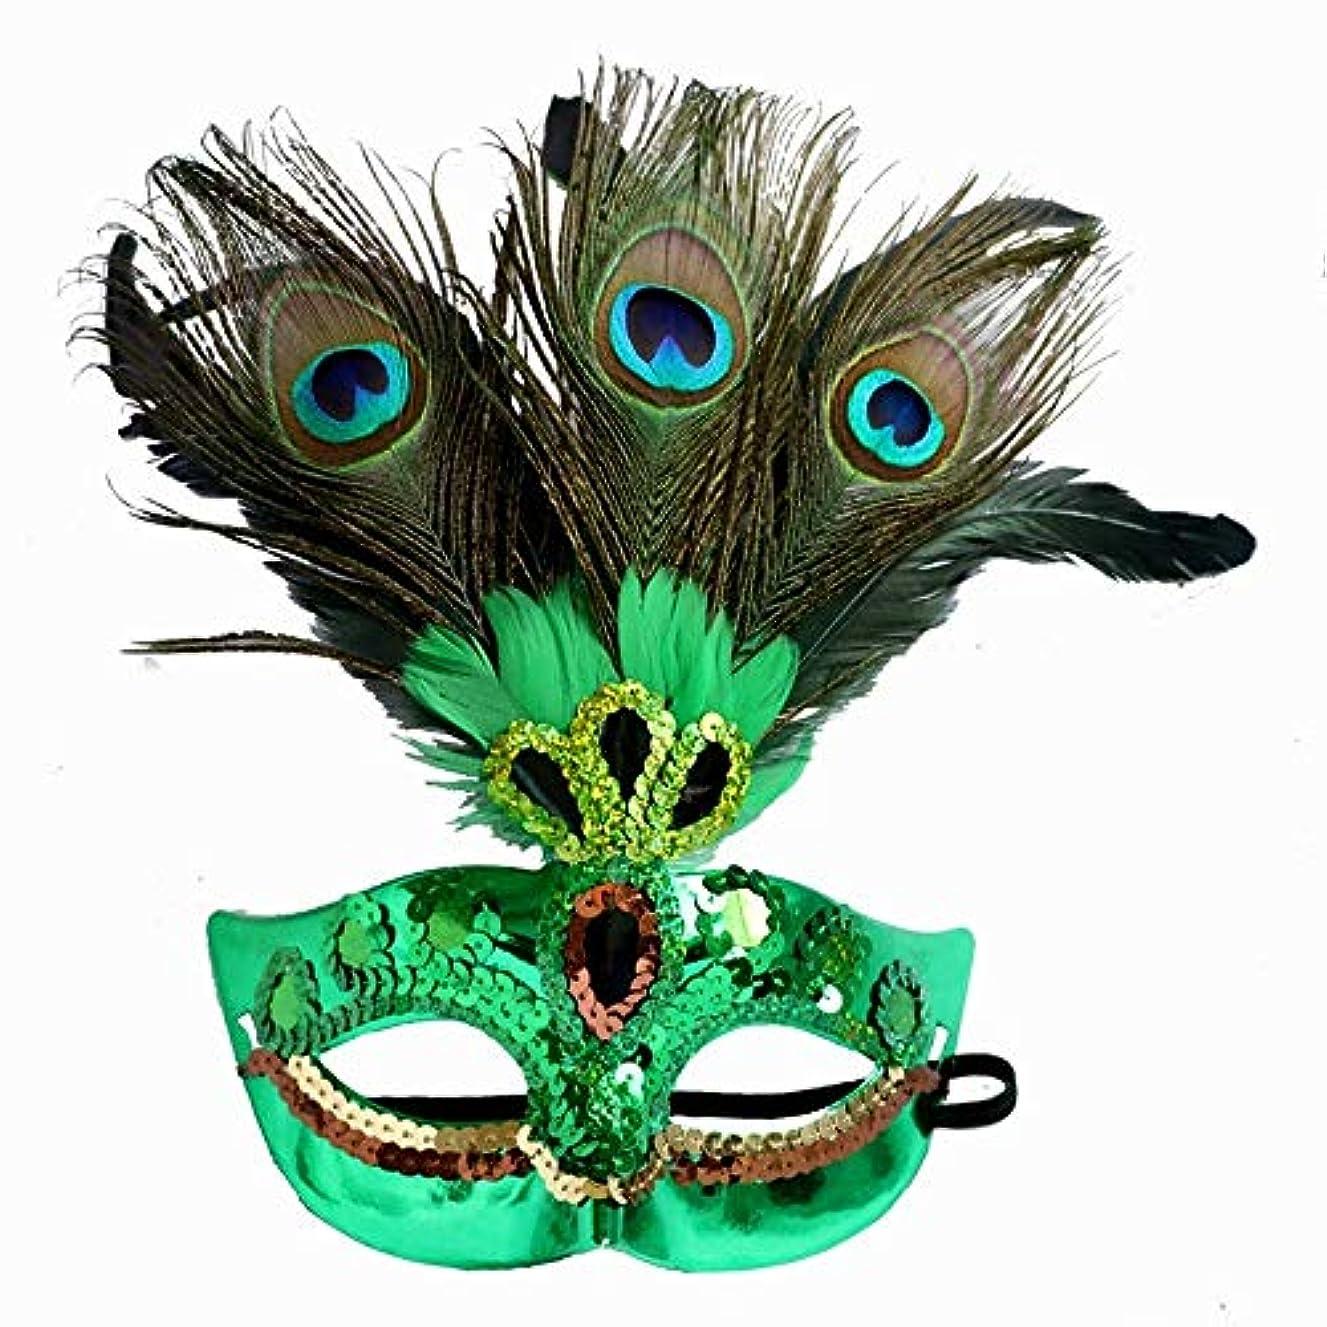 グラム嫉妬ジェーンオースティンダンスマスク 仮面舞踏会マスククジャクの羽パーティー衣装ハロウィンマスクボール目猫女性マスクハーフマスク ホリデーパーティー用品 (色 : 緑, サイズ : 18x25cm)